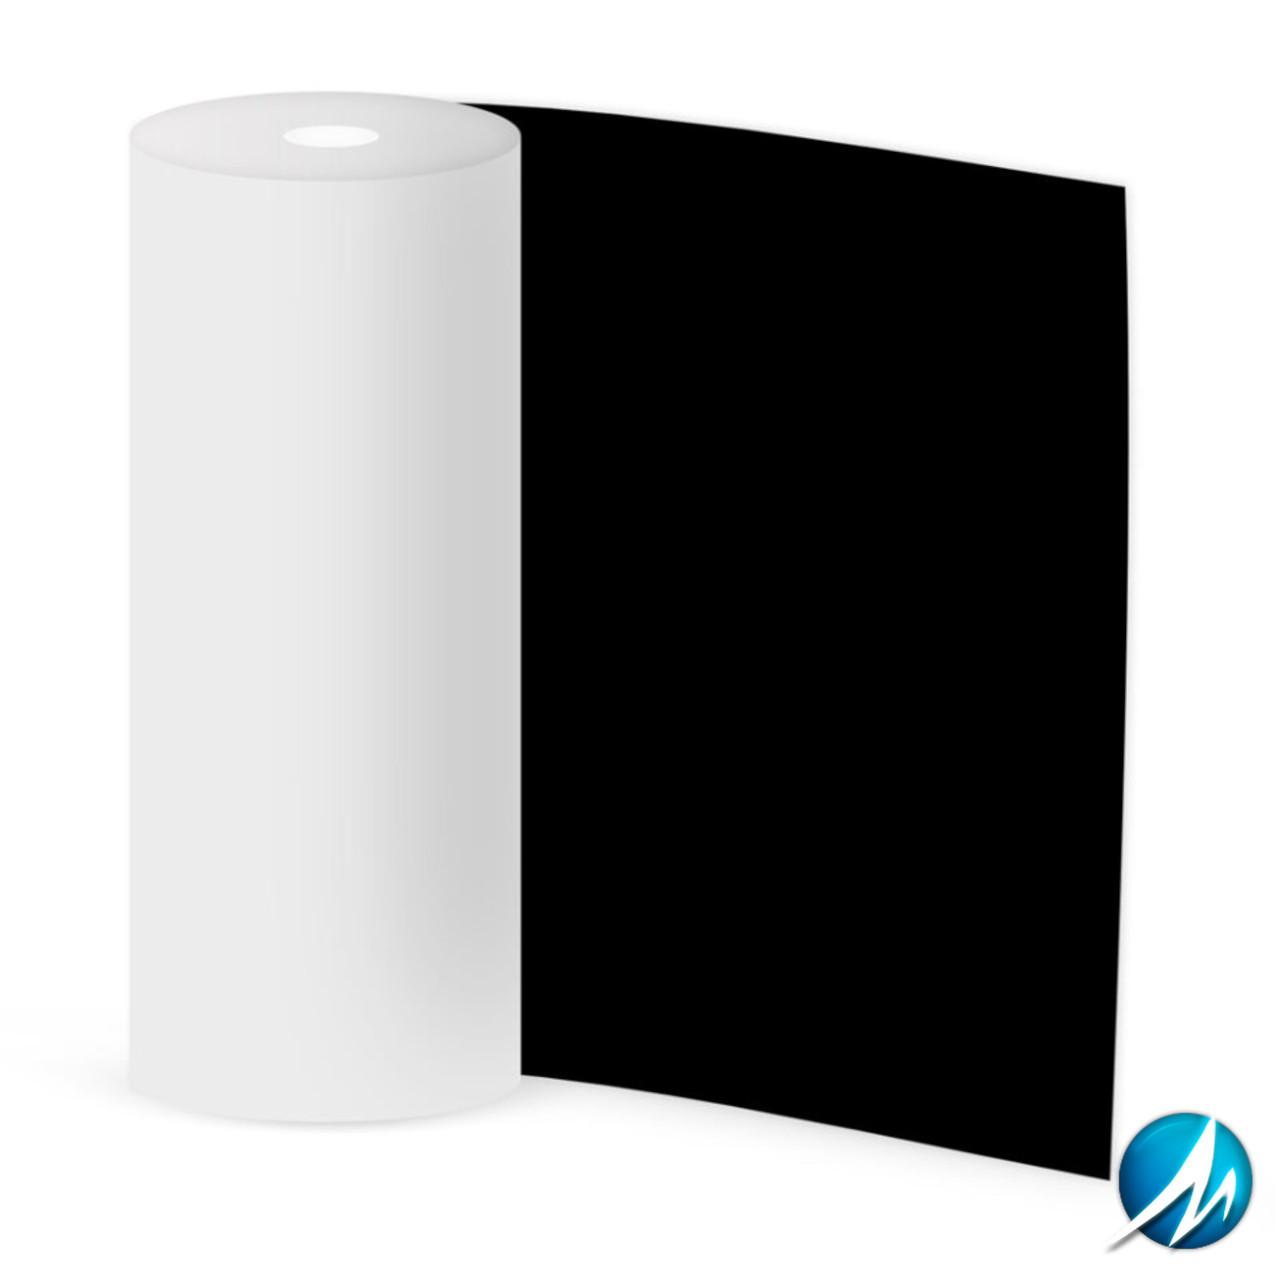 Лайнер ElbeBlue CLASSIC (SBG 150) Black 809